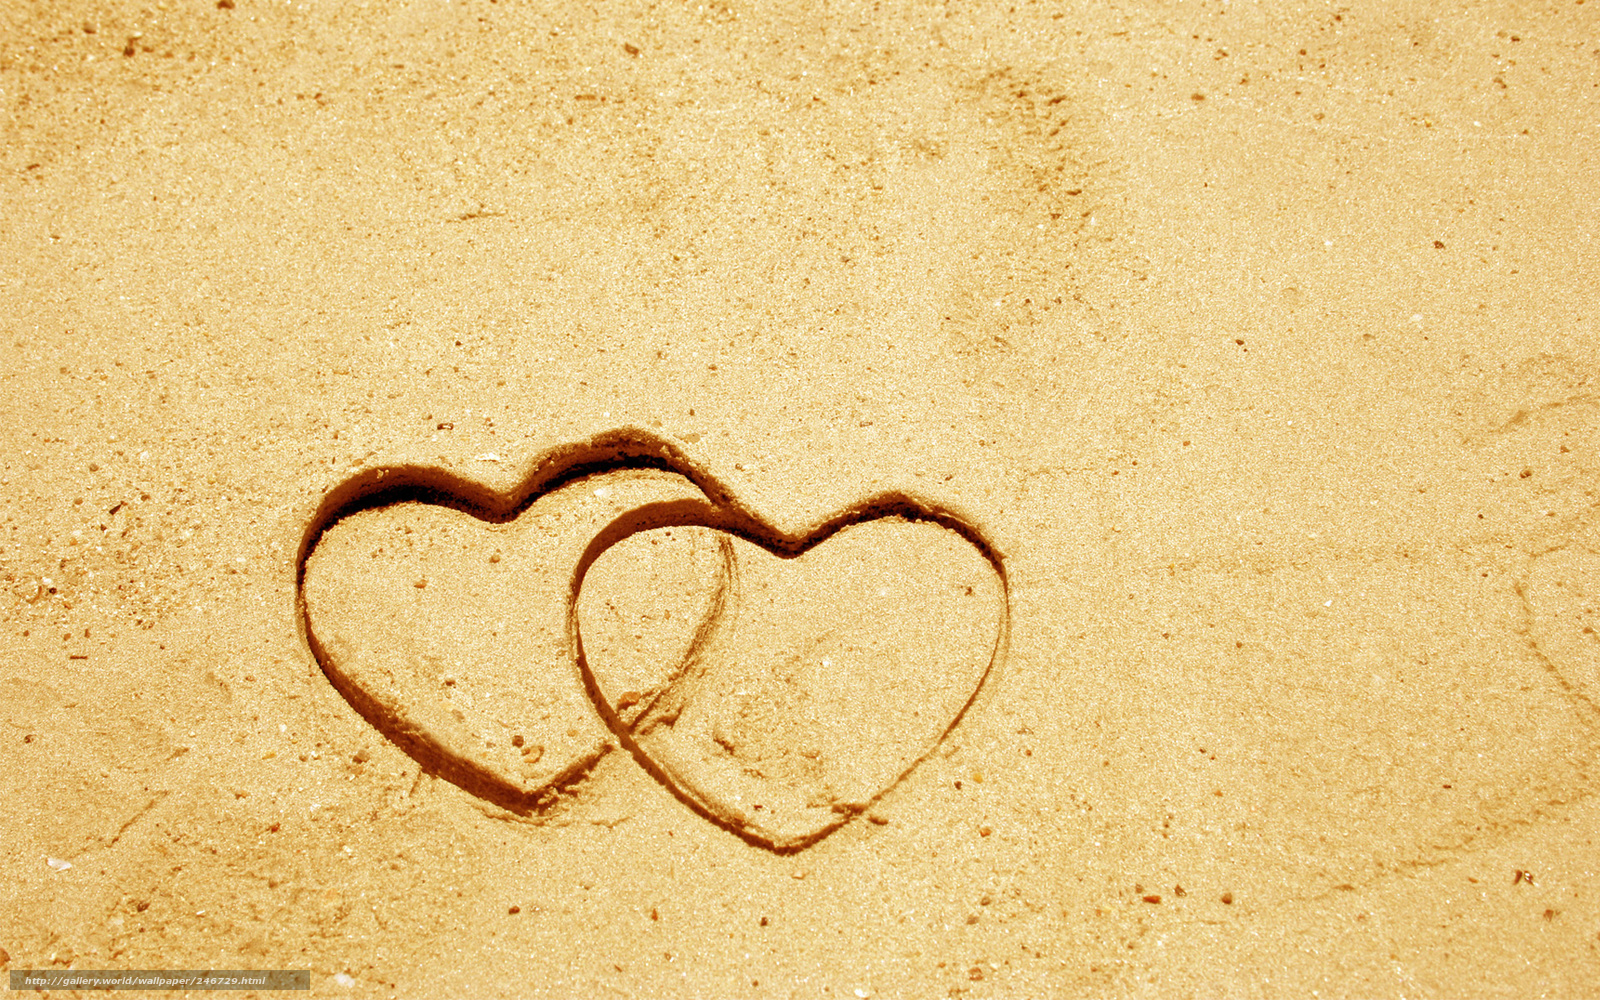 tlcharger fond d u0027ecran cur sable plage dessin fonds d u0027ecran